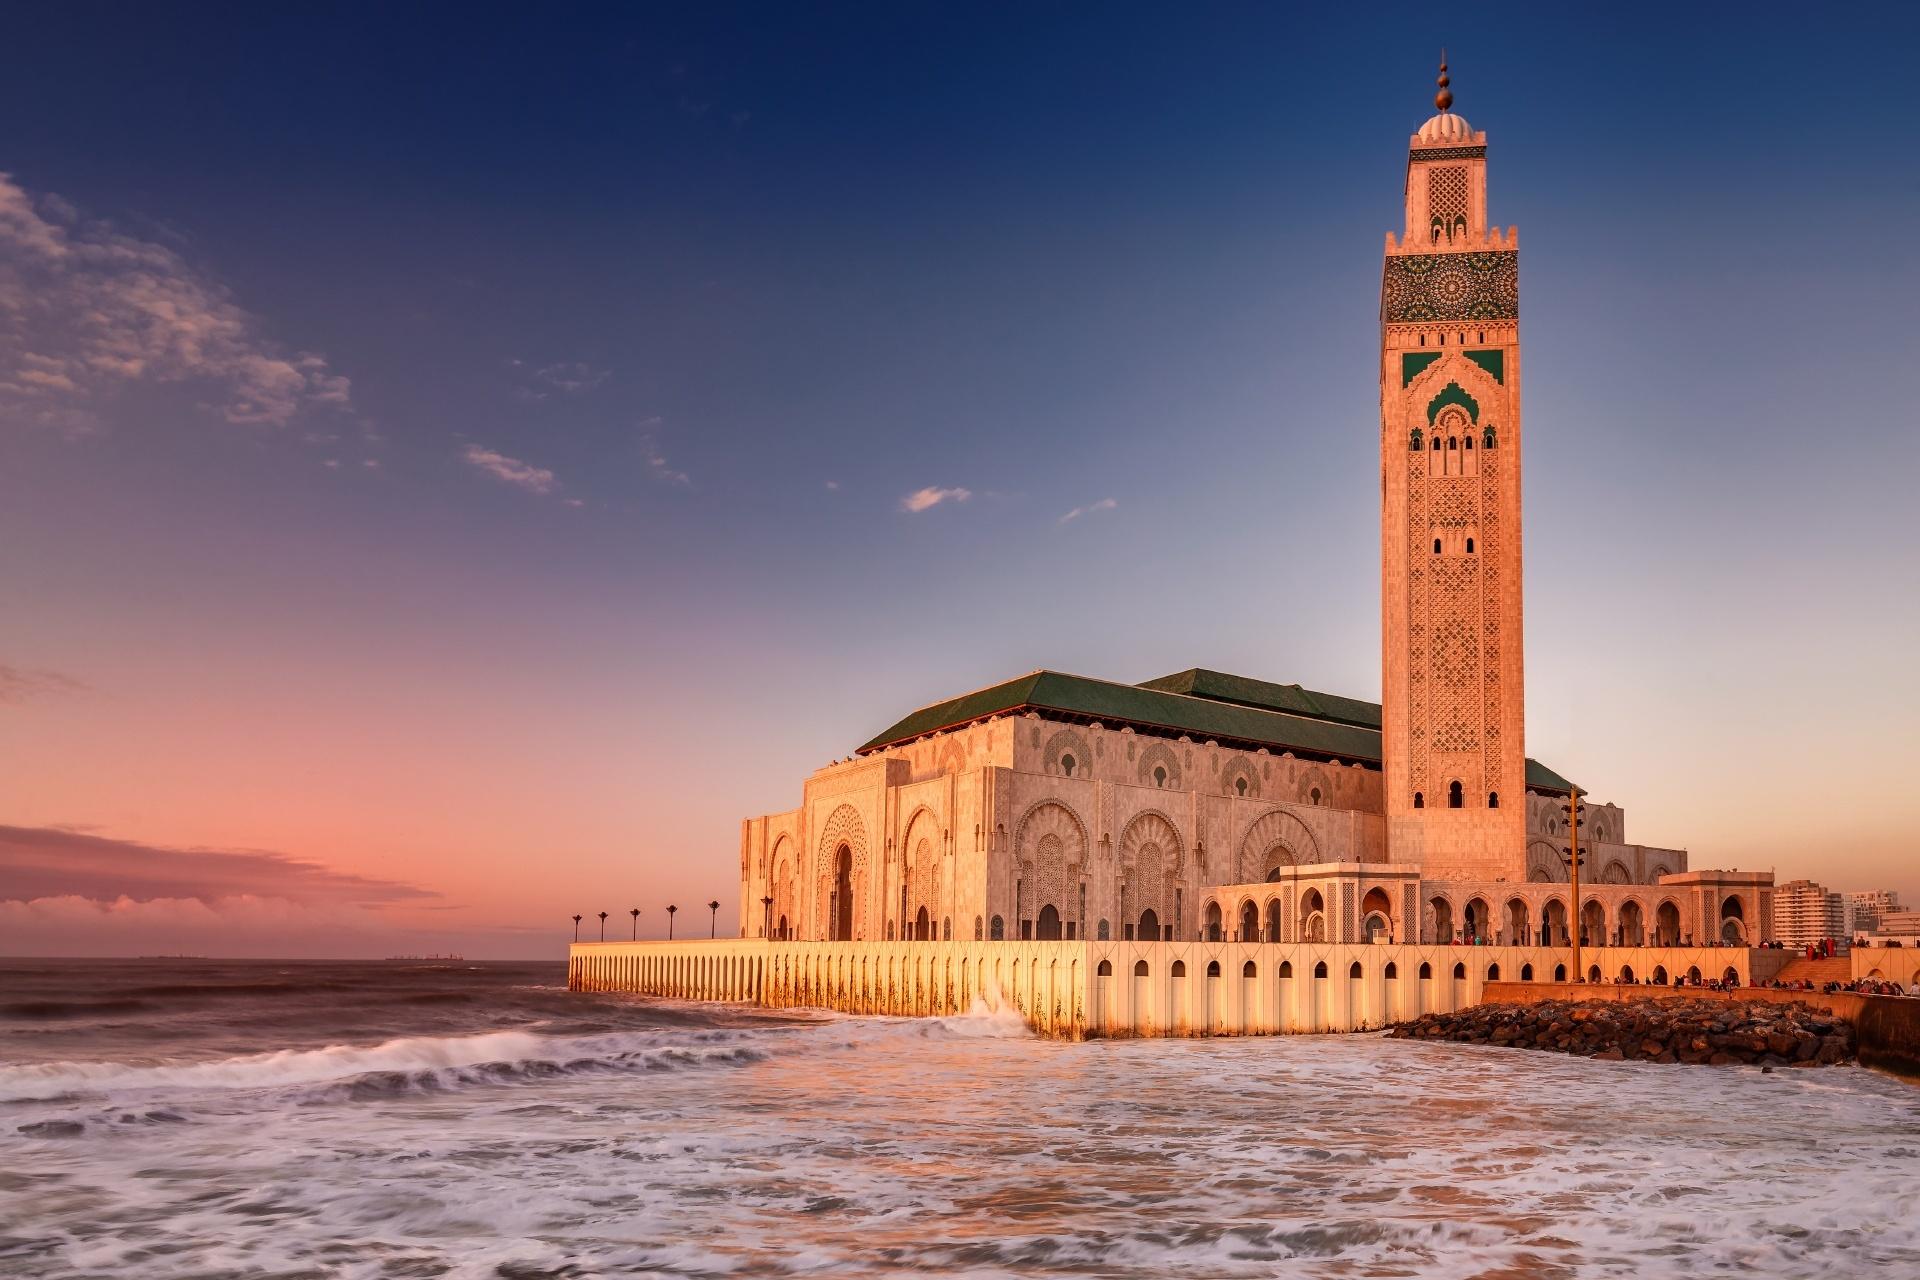 ブルーアワーのハッサン2世モスク モロッコ カサブランカ